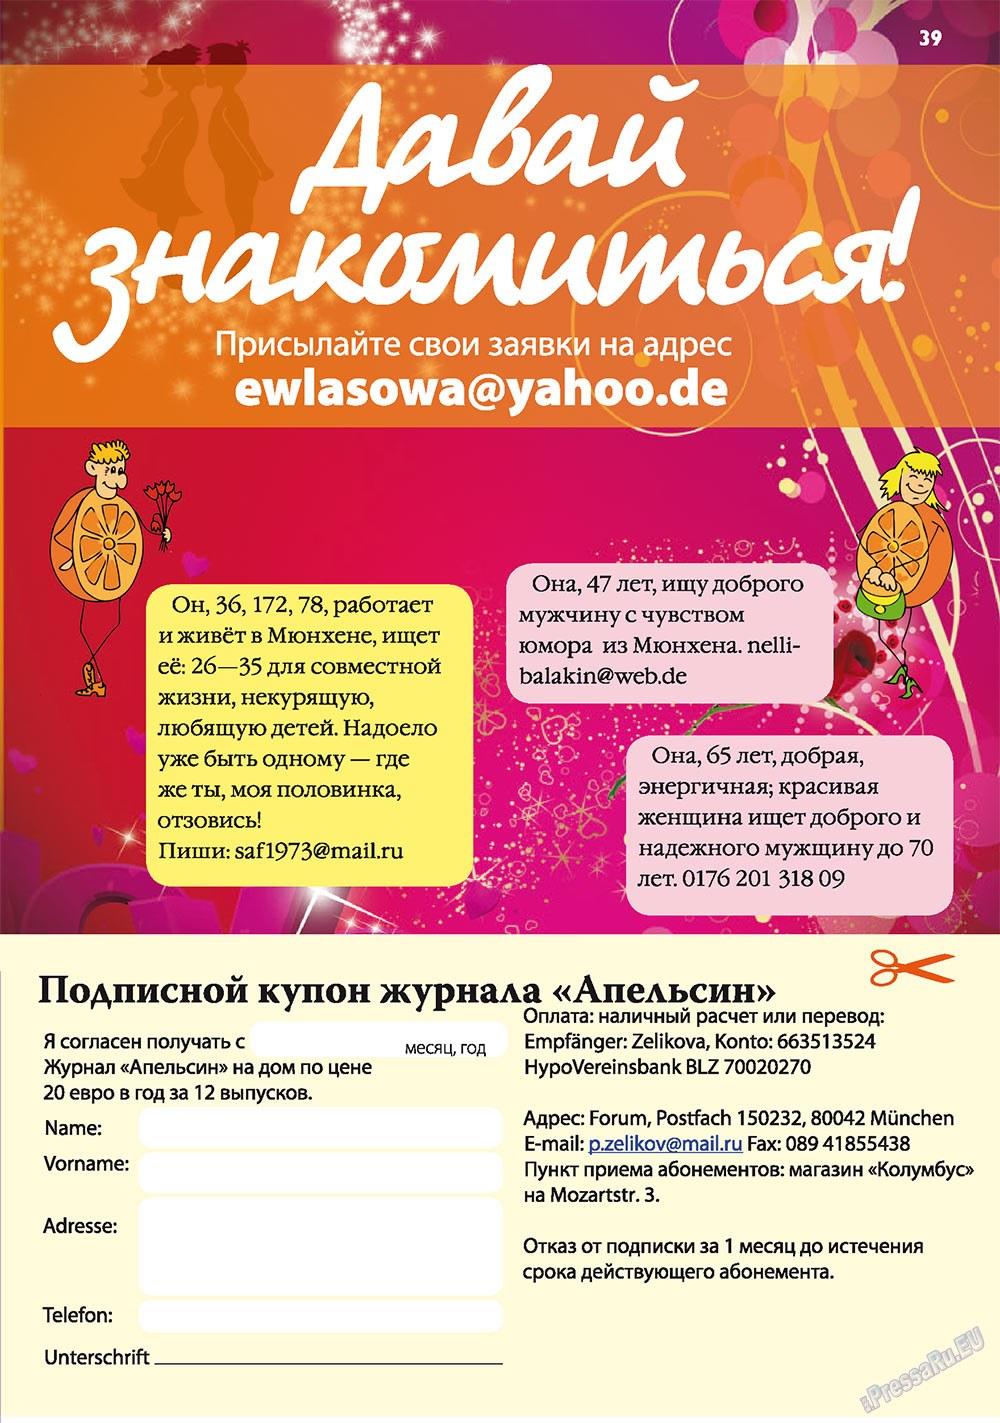 Апельсин (журнал). 2010 год, номер 13, стр. 39